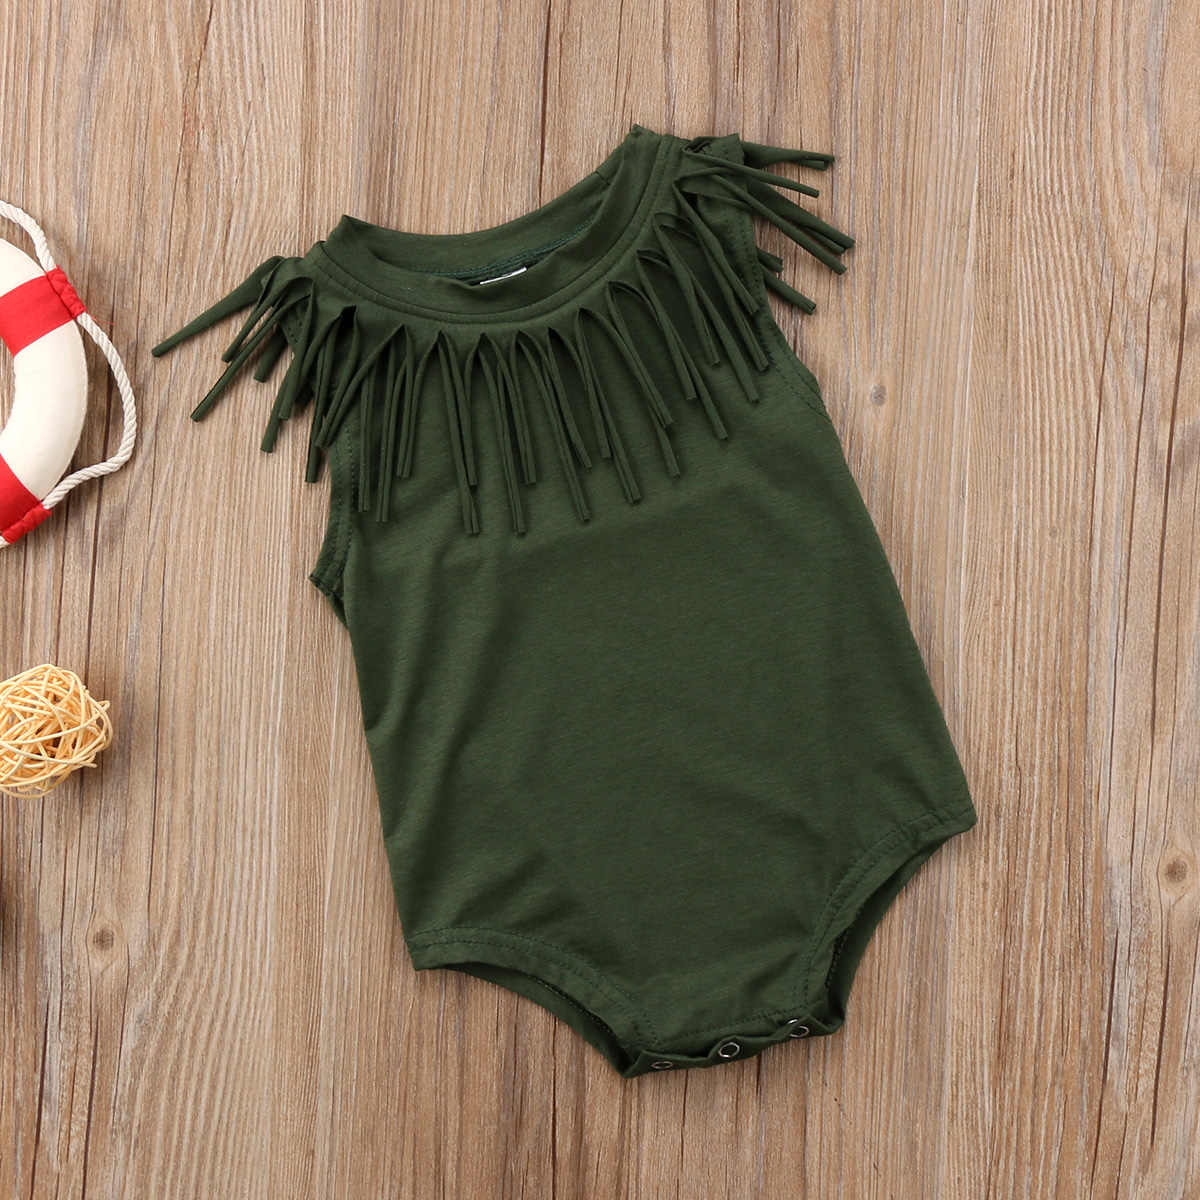 Одежда для маленьких девочек девочки преддошкольного возраста Винтаж кисточкой Ползунки Черный/армейский зеленый хлопковые комбинезоны летняя одежда